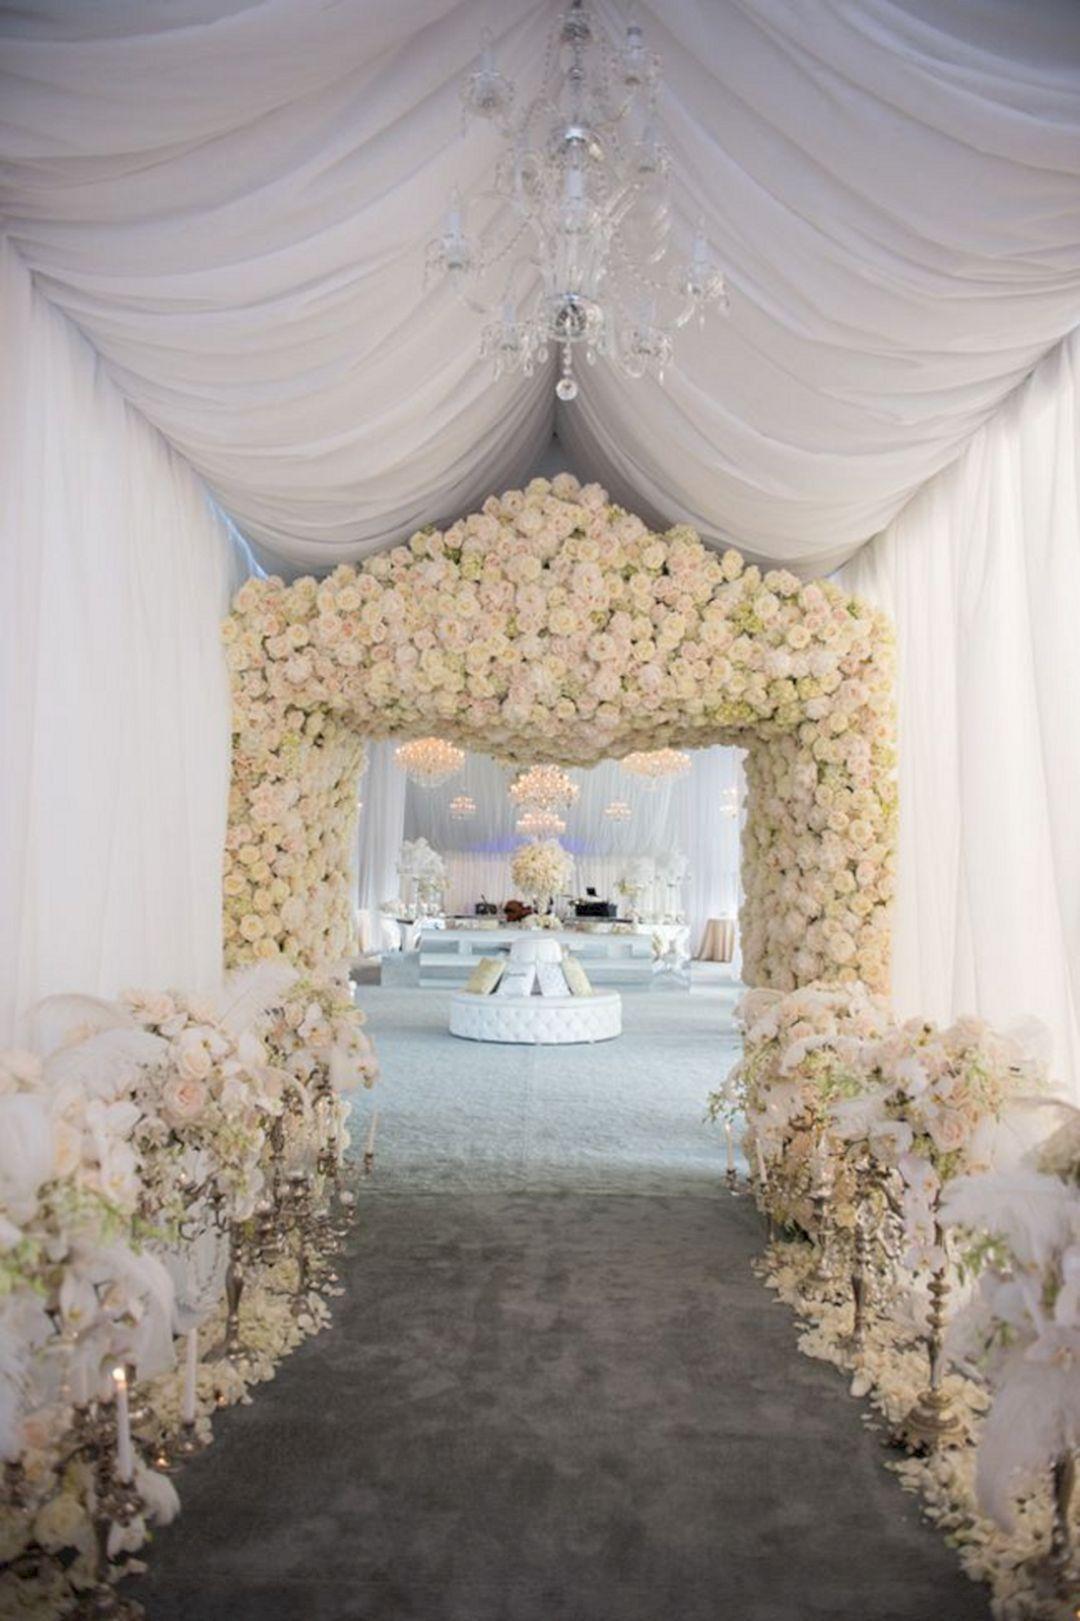 Luxury wedding decoration ideas   Creative Wedding Entrance Walkway Decor Ideas  Wedding